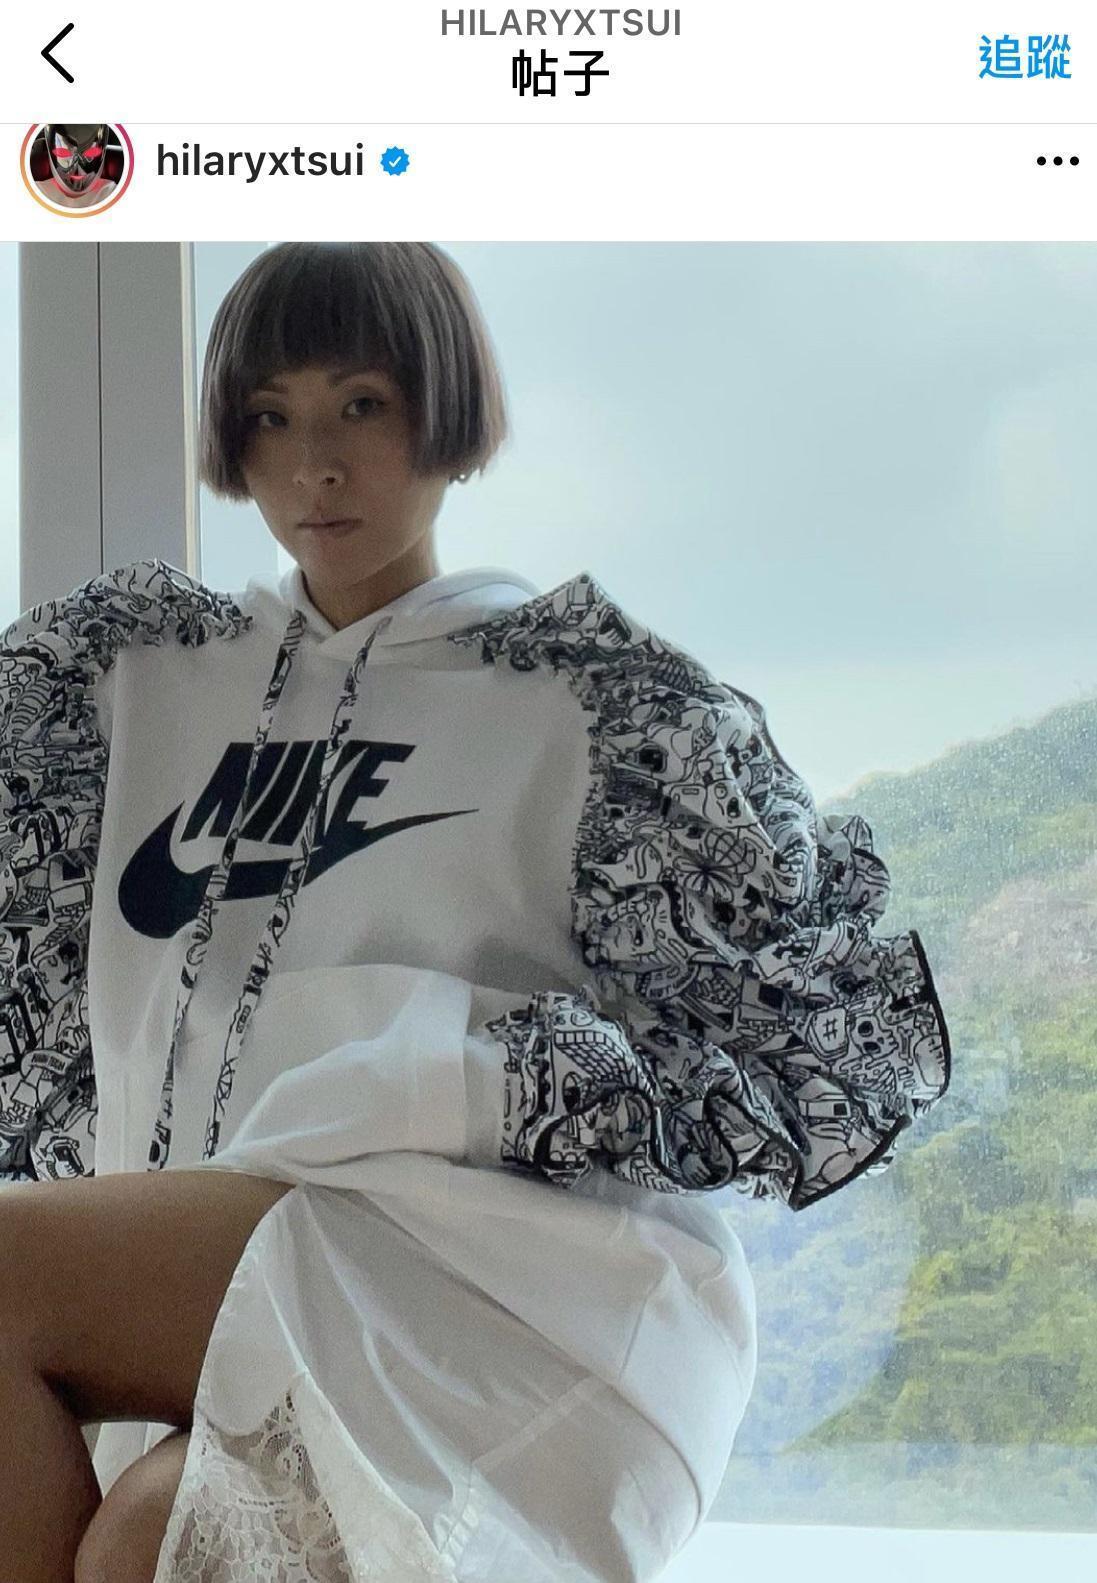 老公陳奕迅切割代言品牌,但濠縈卻穿上被抵制的品牌Nike,引來網民瘋狂轟炸。(翻攝自徐濠縈IG)